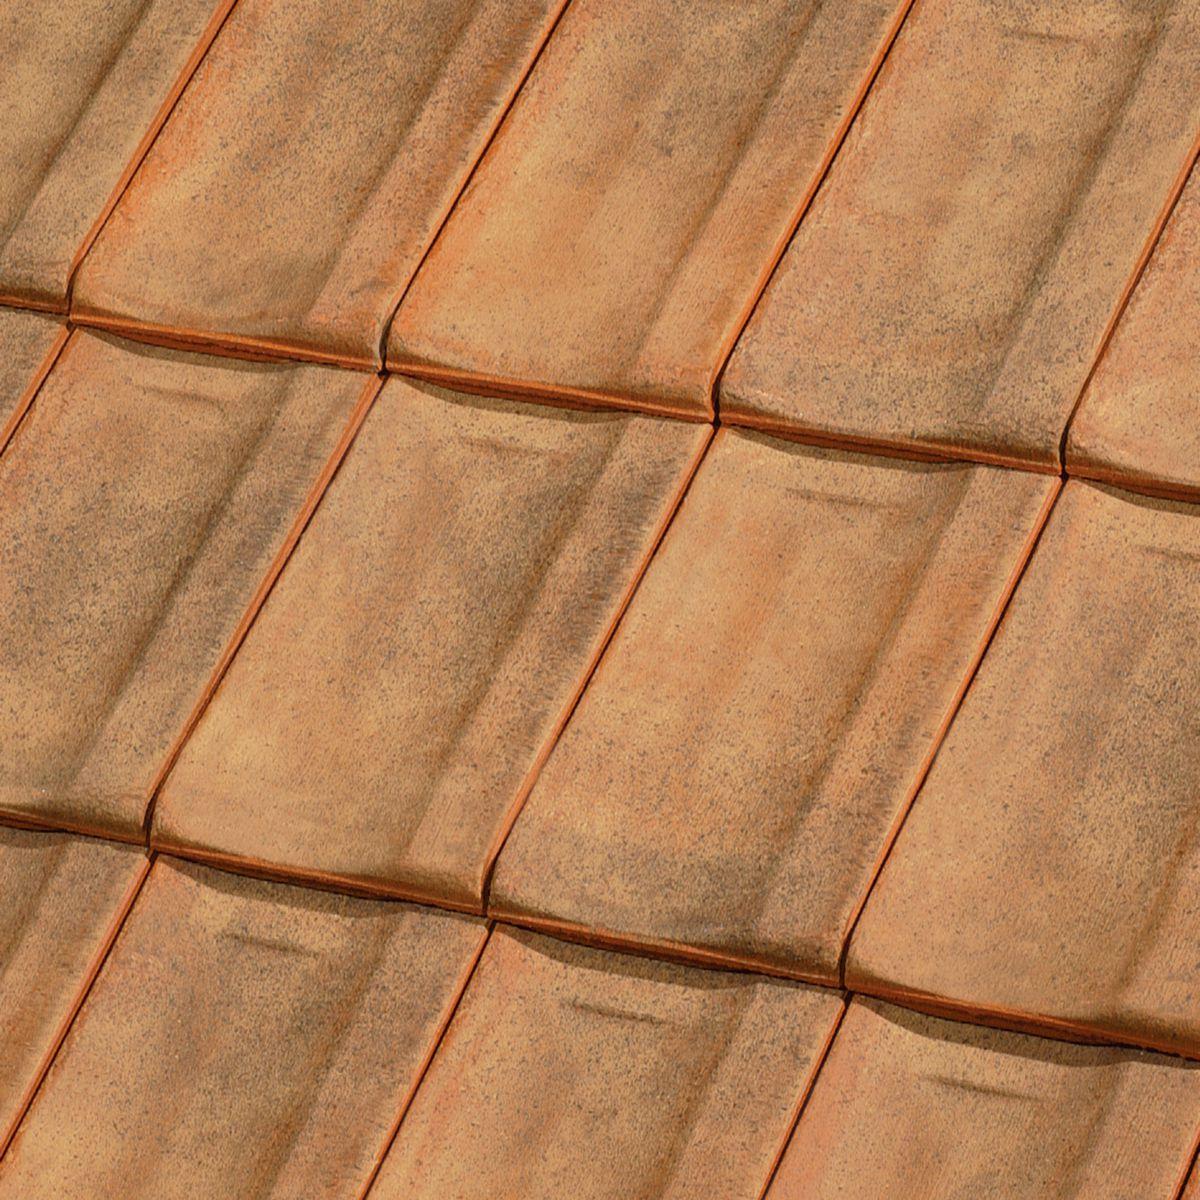 Tuile chatière + grille 613 XLP - terre cuite sablé Champagne - section ventilation 35 cm²